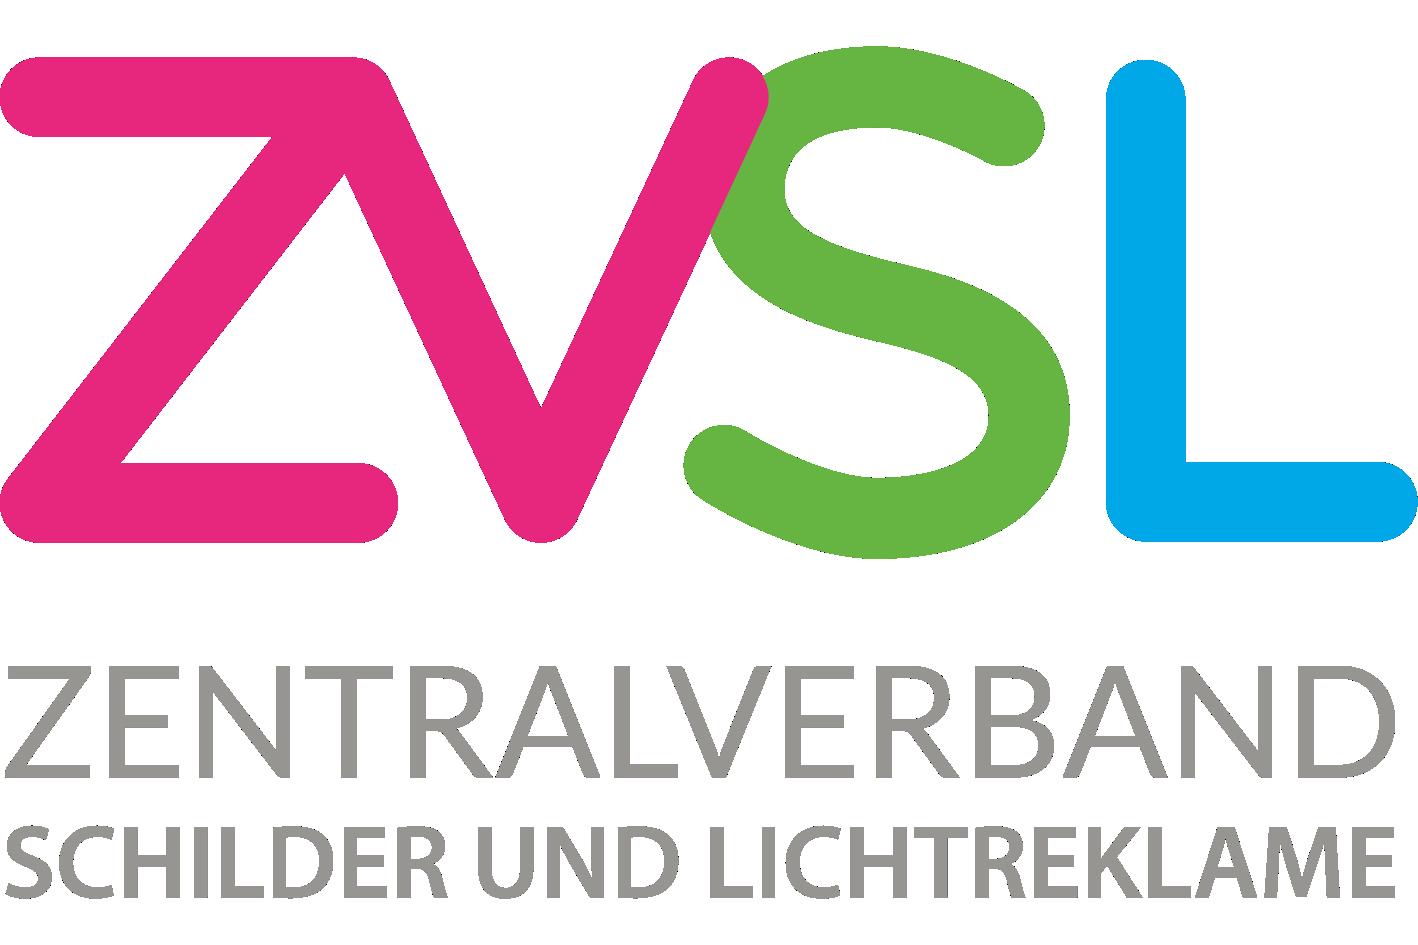 Altay Werbung Partner Zentralverband Schilder- und Lichtreklamehersteller